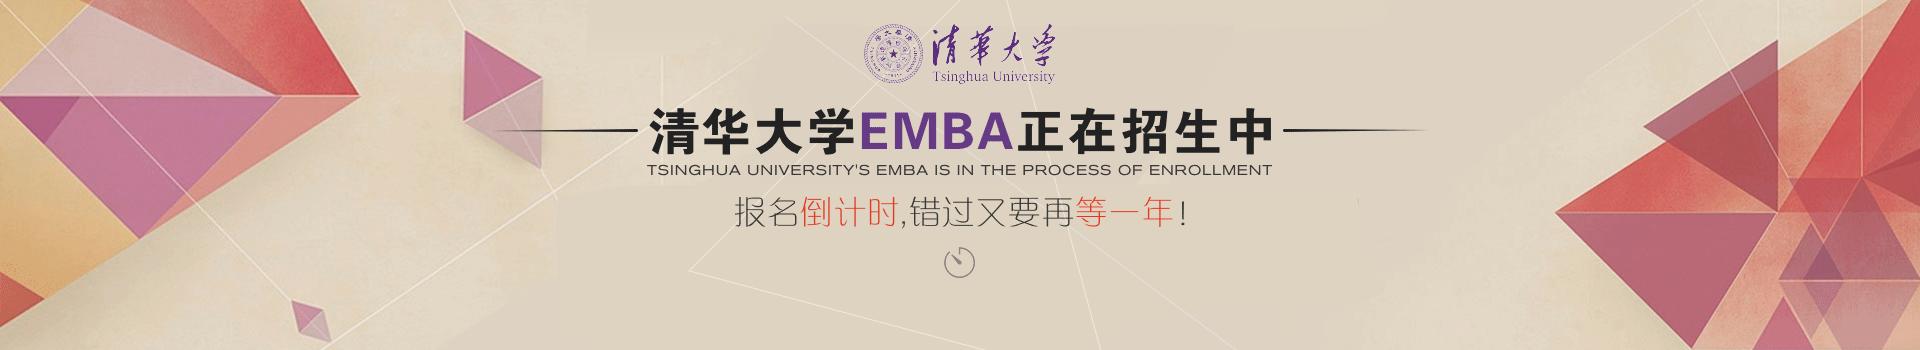 清华五道口金融学院高级工商管理硕士EMBA招生简章